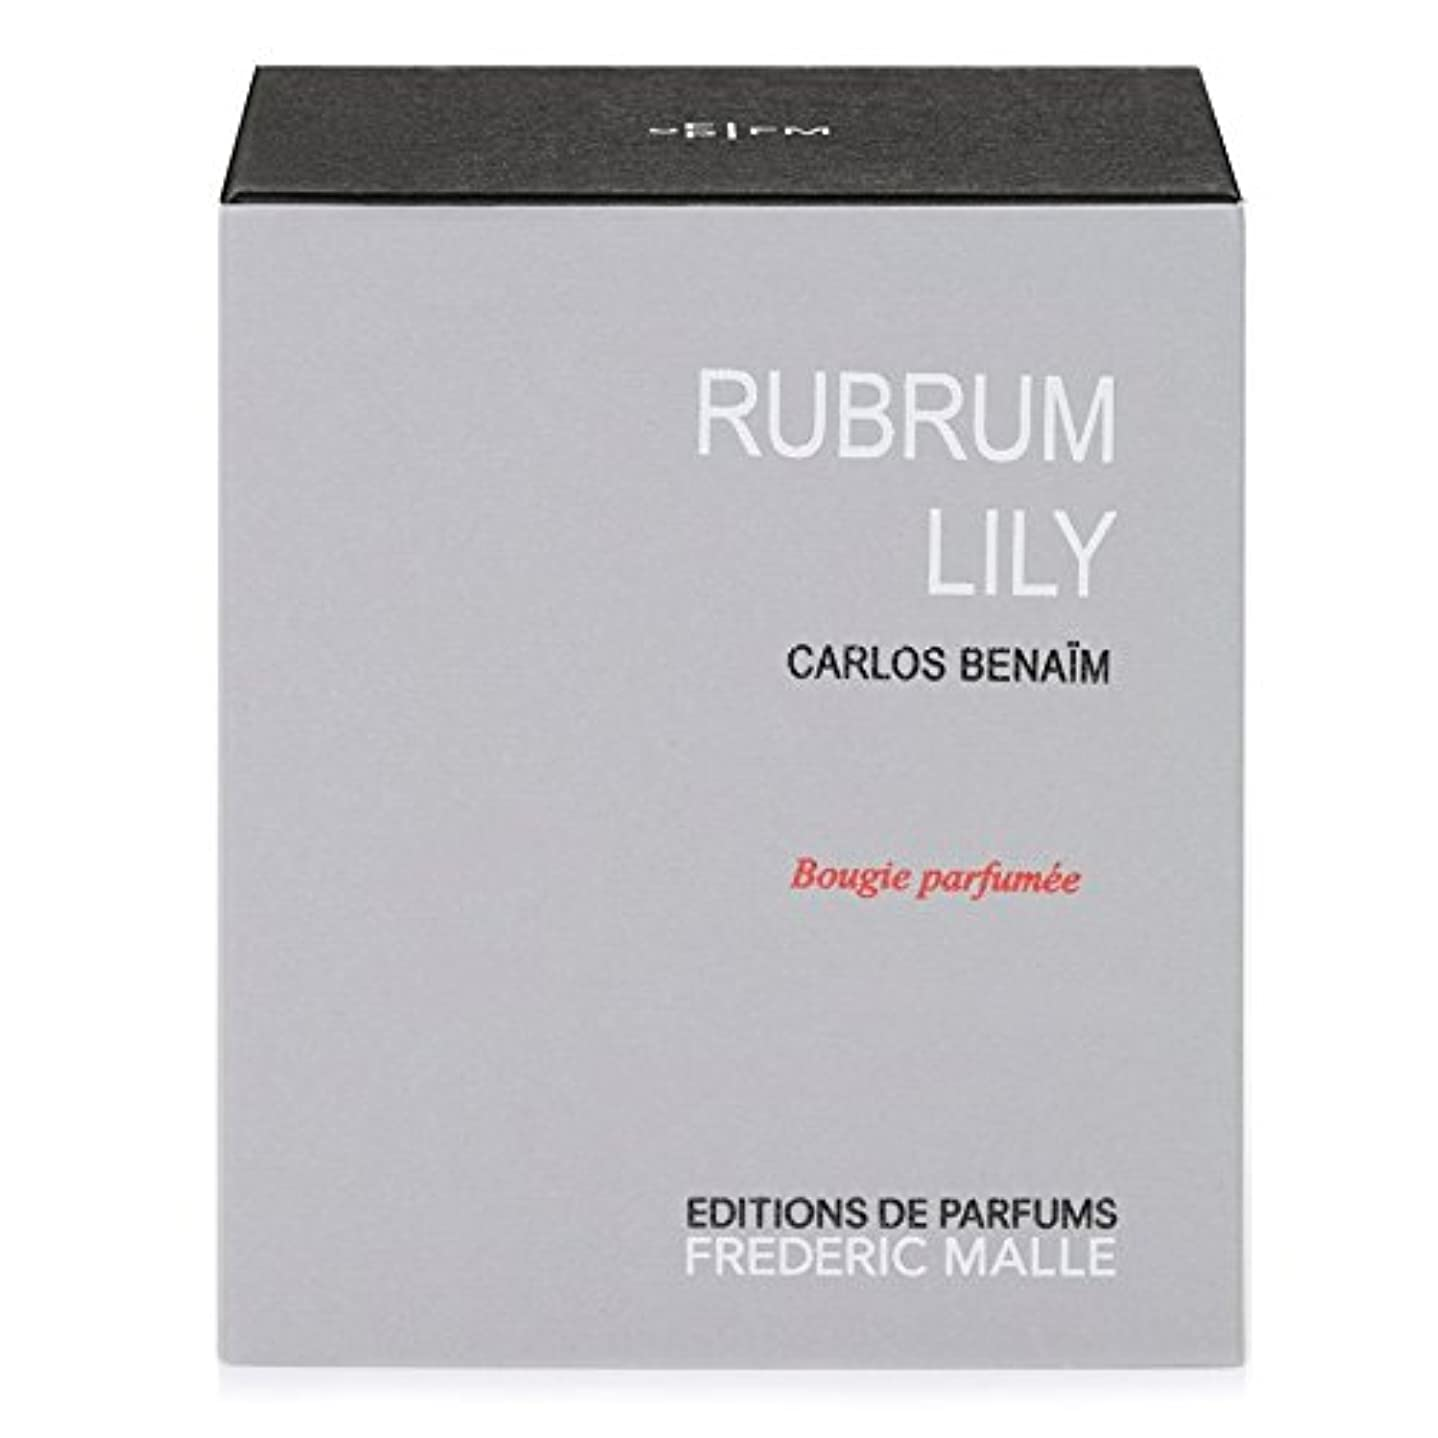 によって労苦グローフレデリック?マルルブルムユリの香りのキャンドル x6 - Frederic Malle Rubrum Lily Scented Candle (Pack of 6) [並行輸入品]